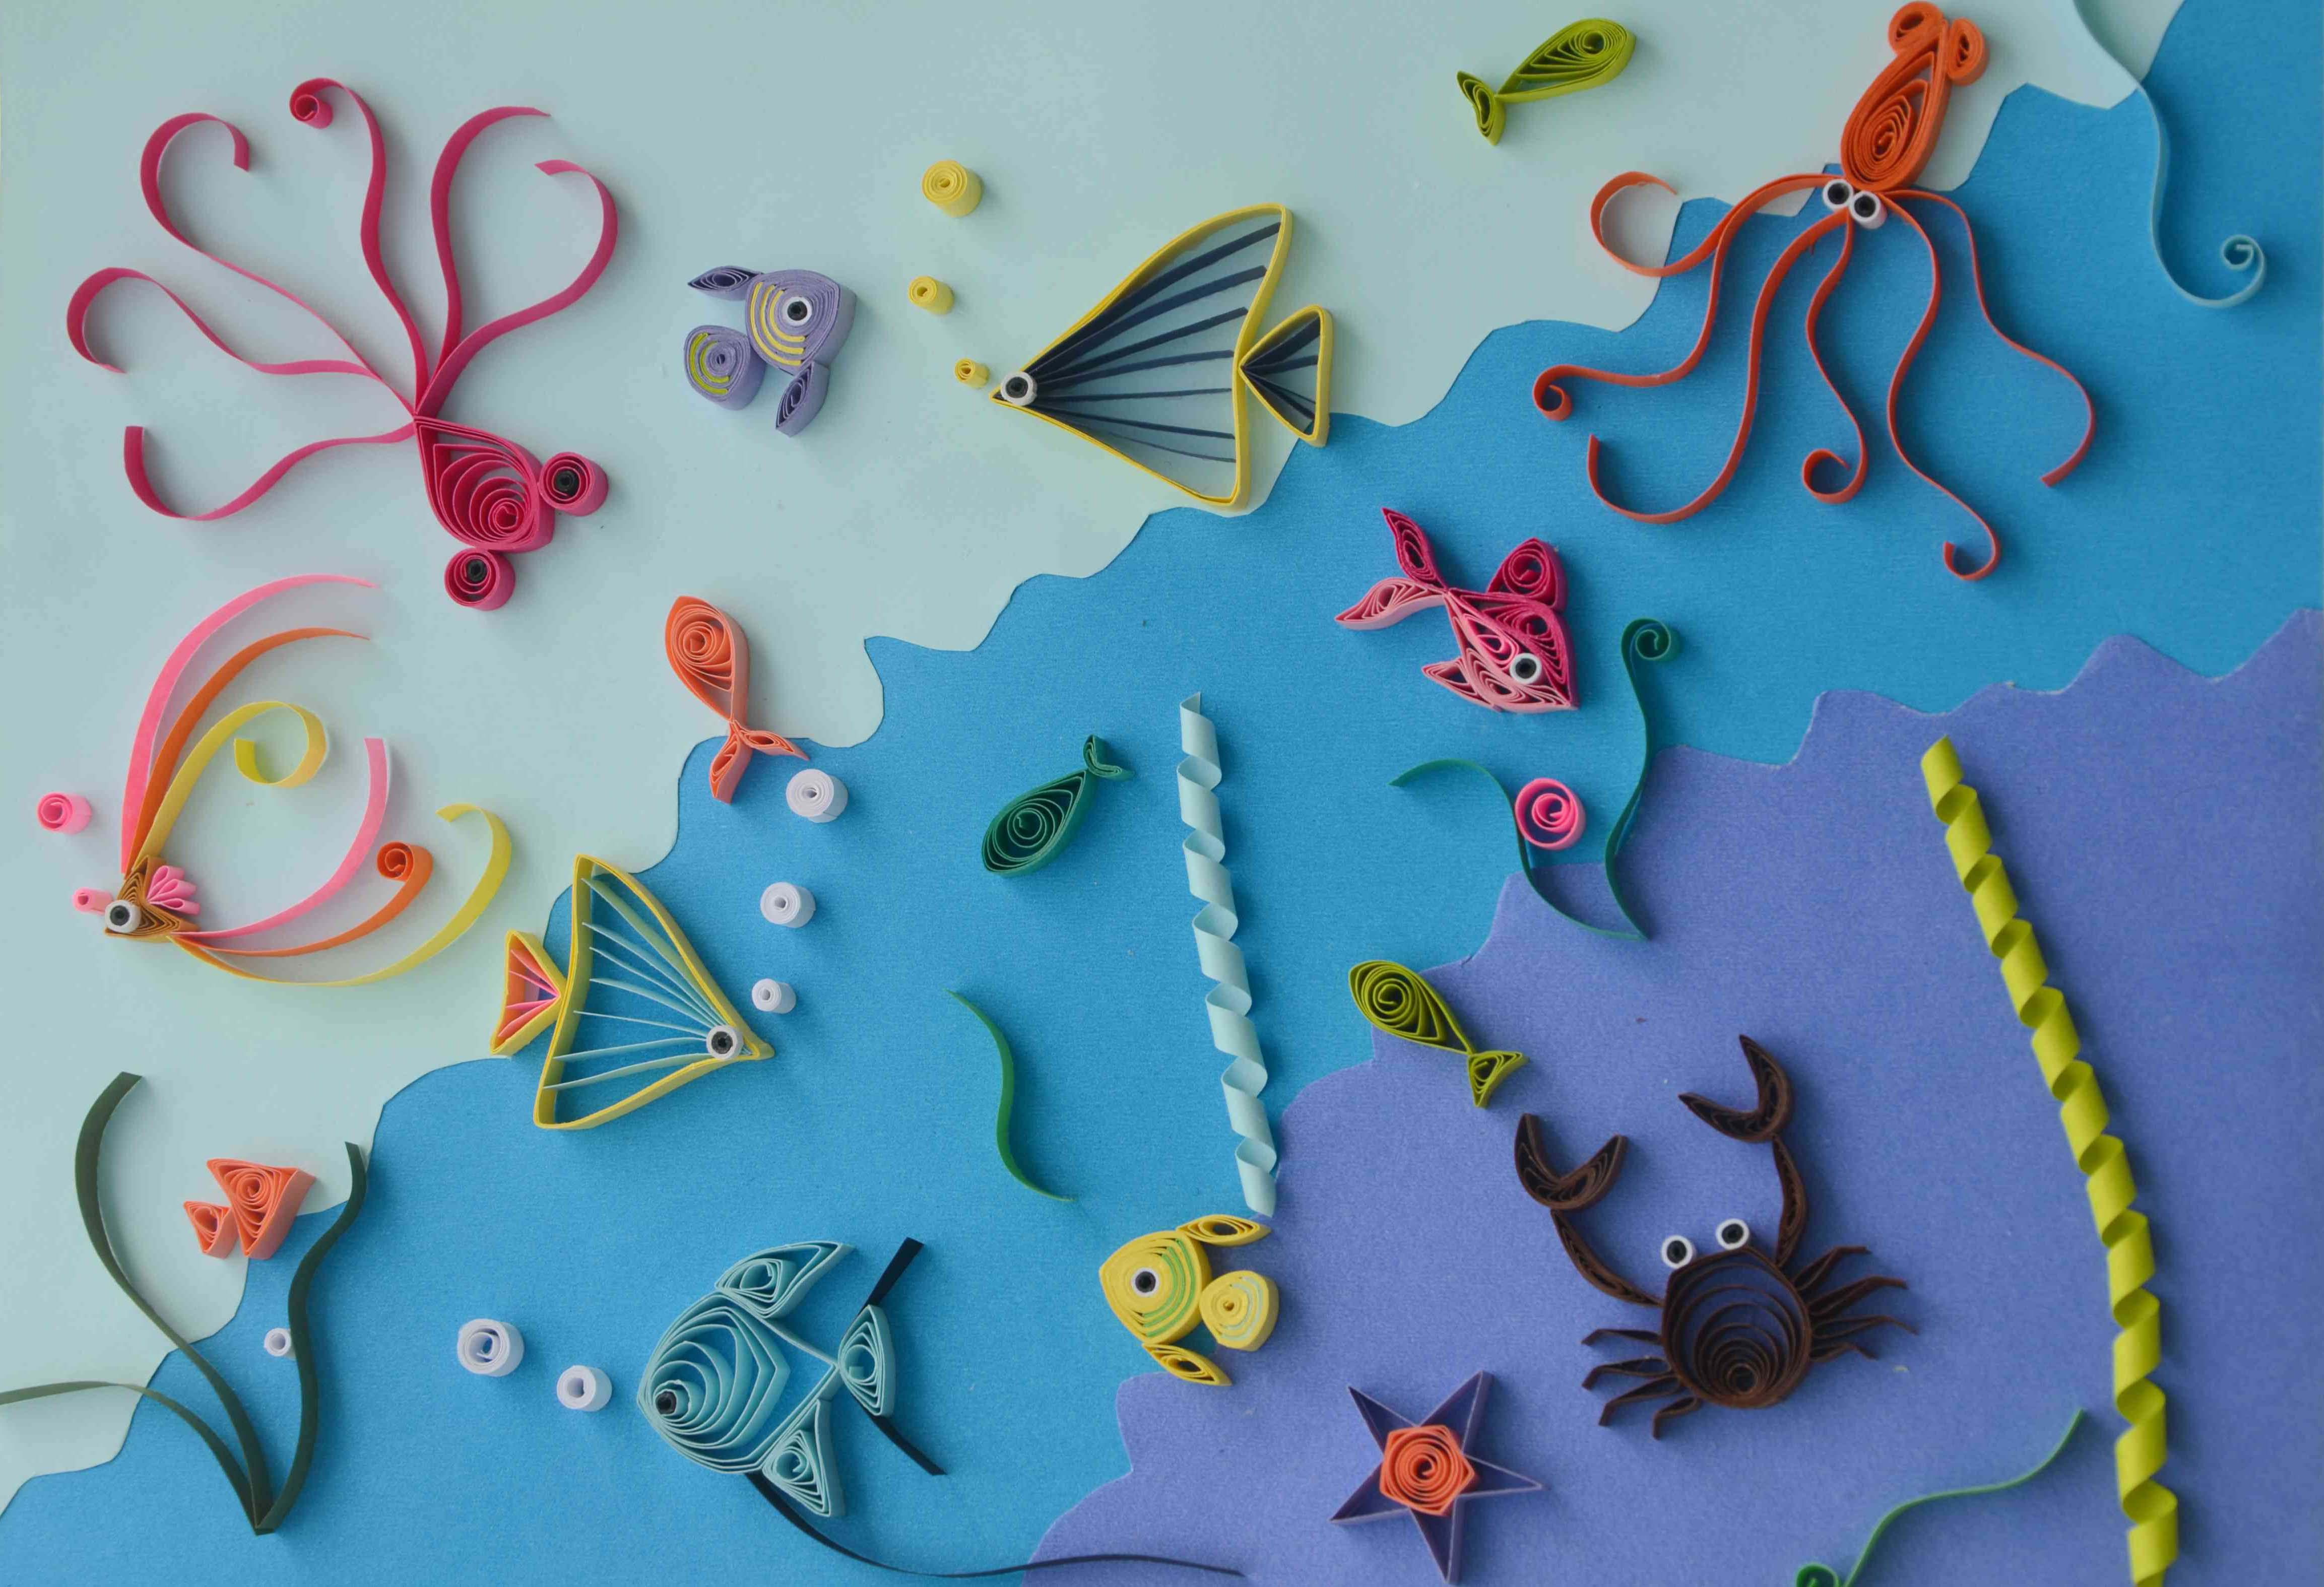 海底世界手工作品,手工制作海底世界动物,_手工作品图片海底世界,海底